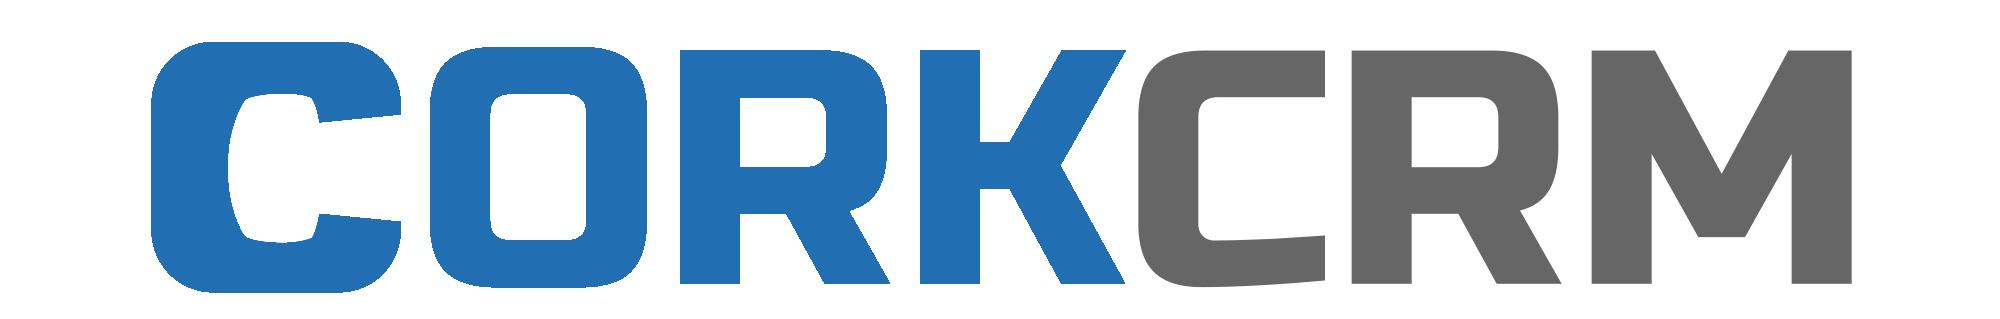 Cork CRM Reviews